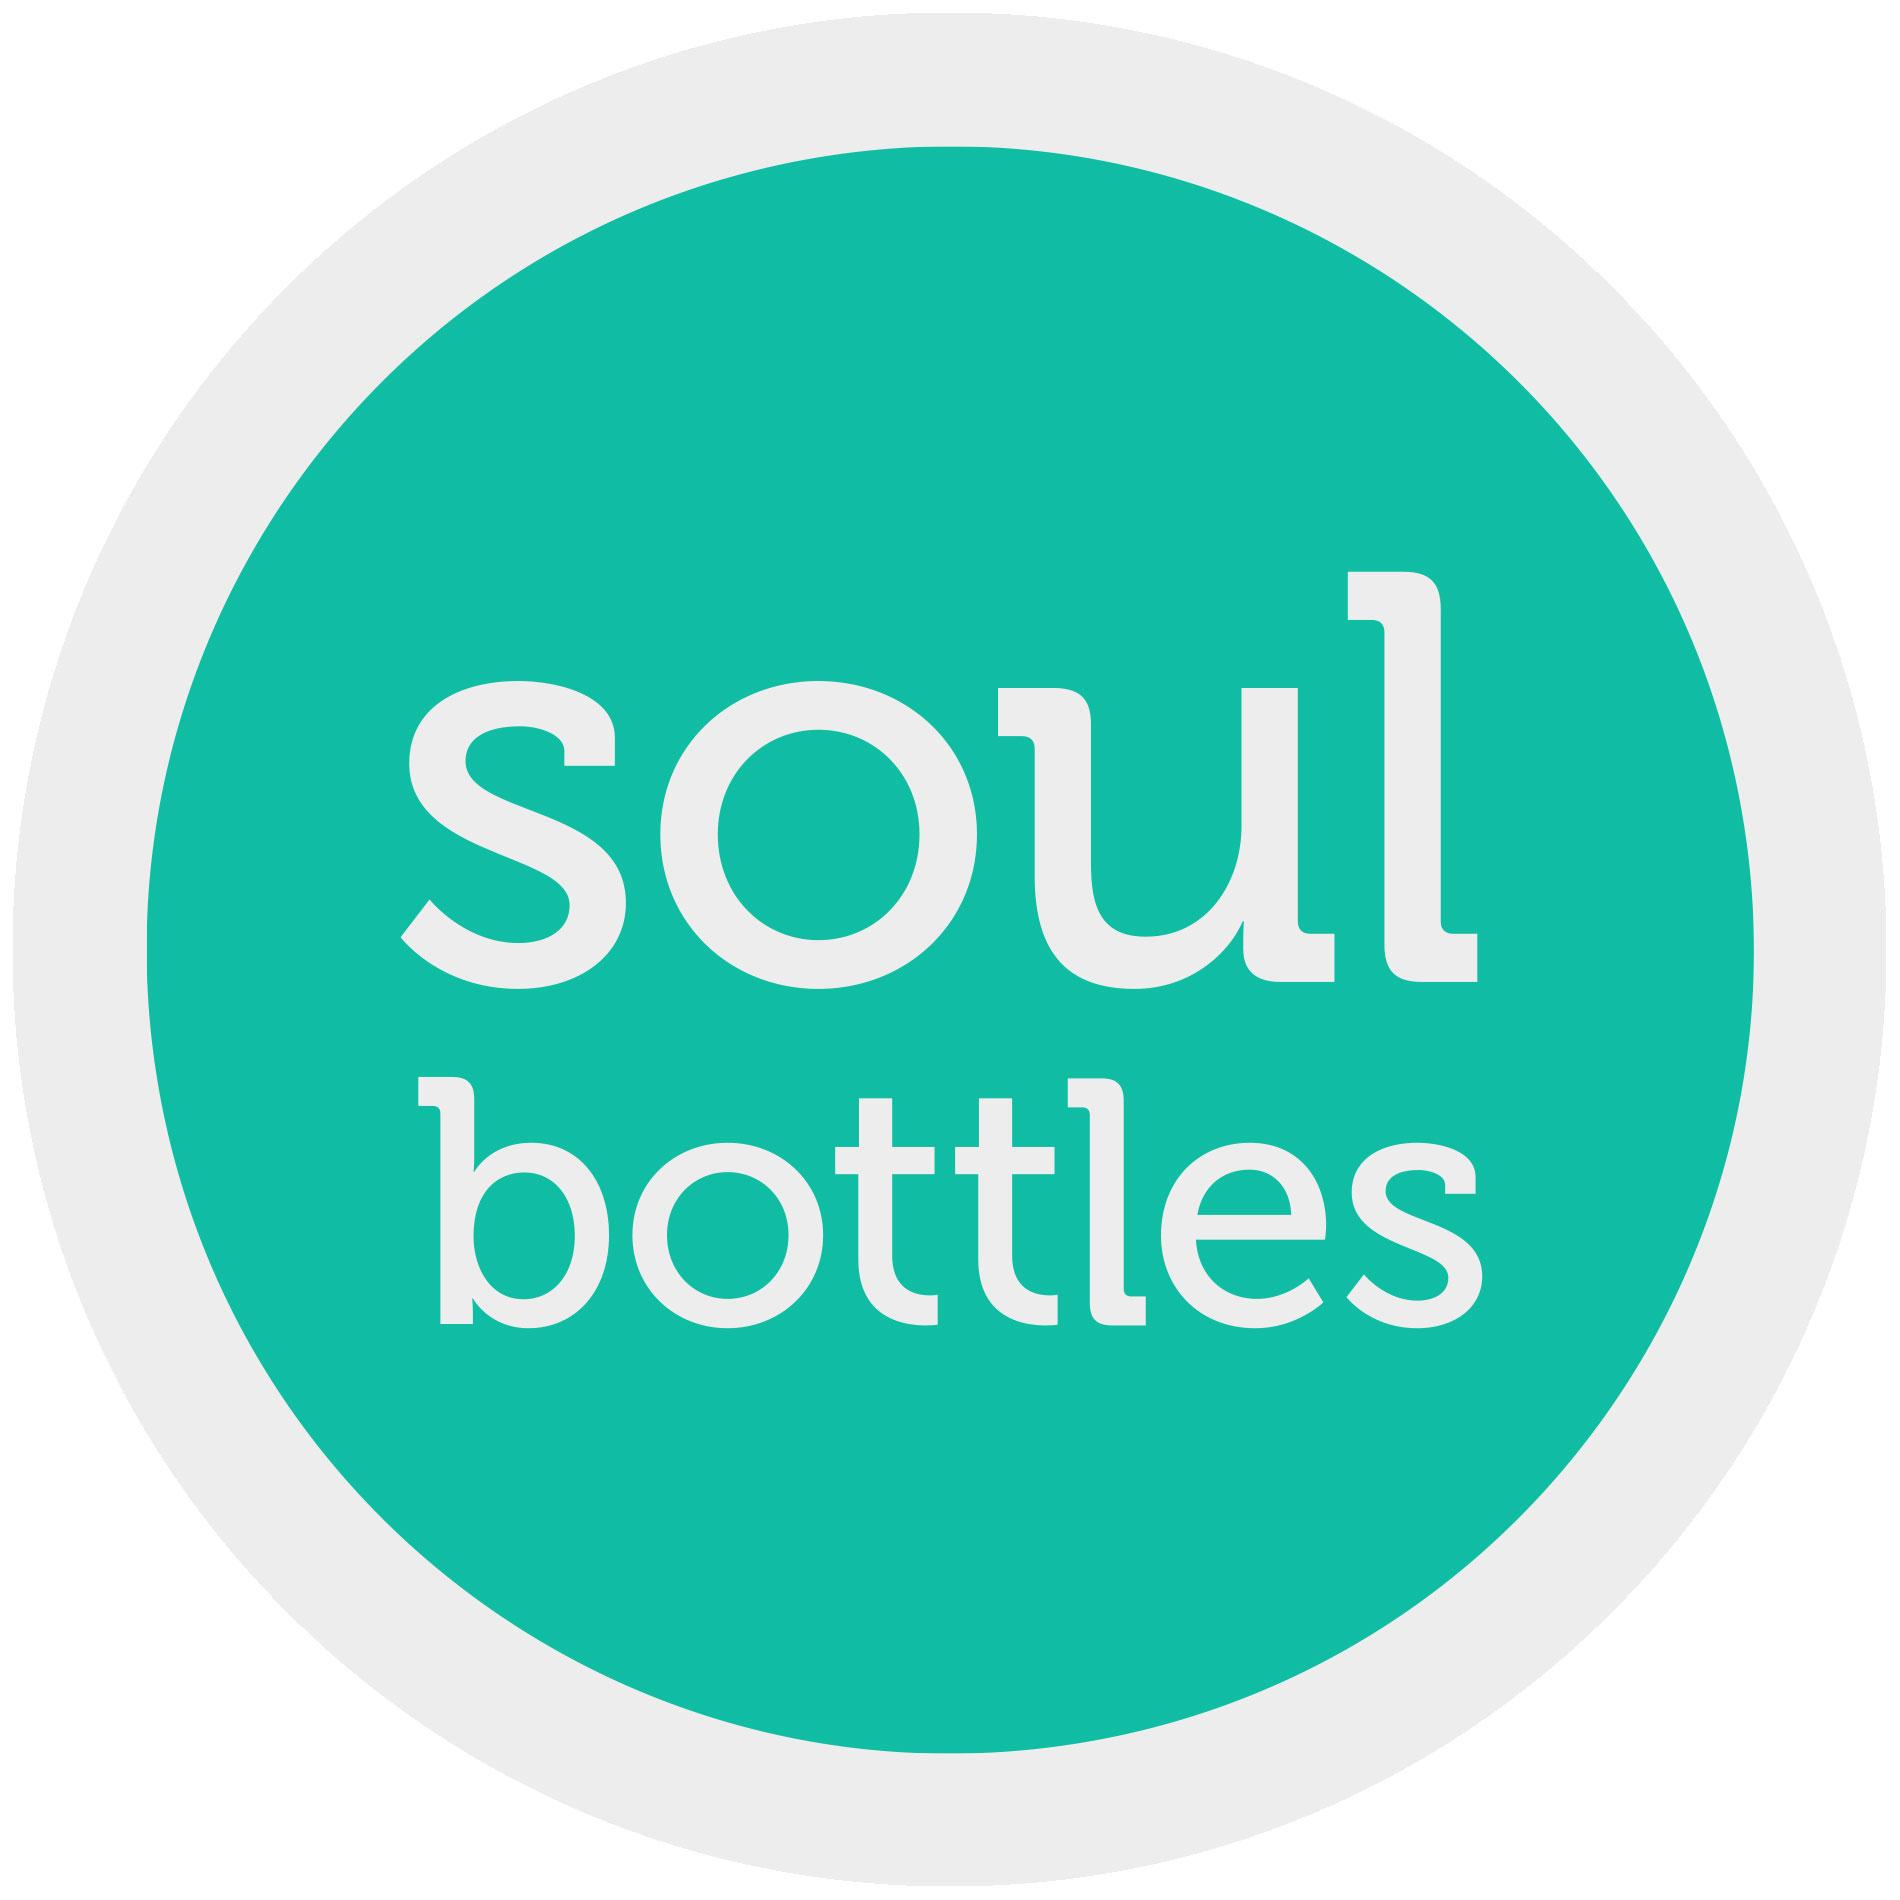 soulbottles-logo-1.jpg